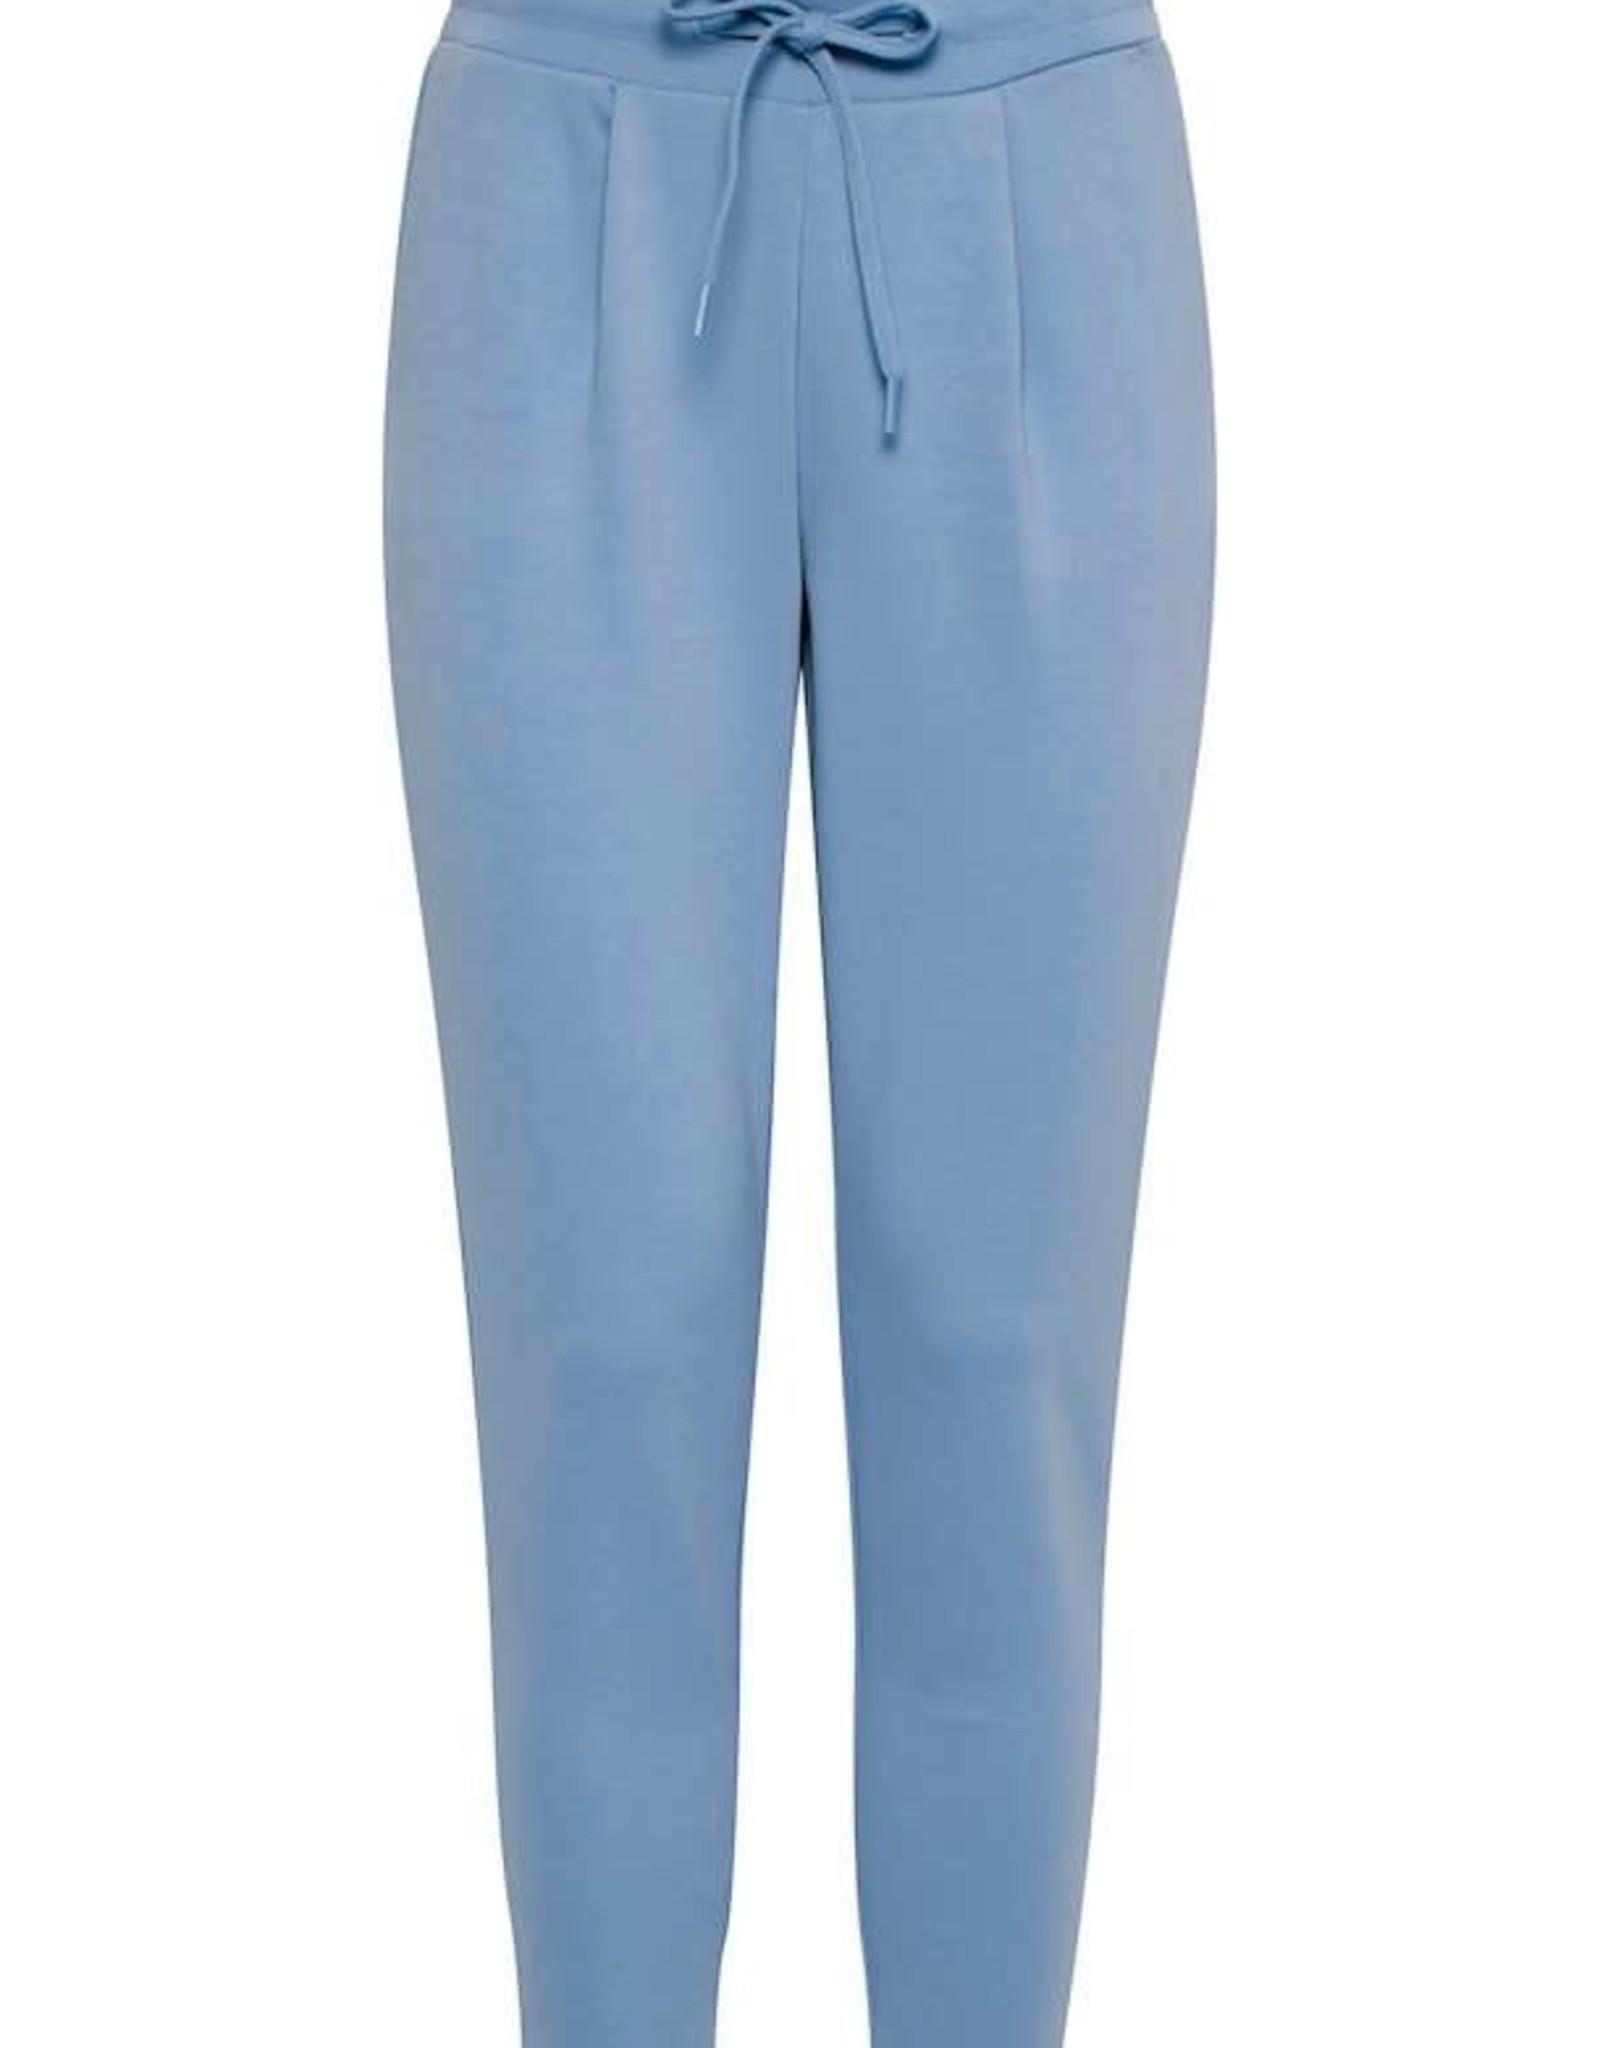 Ichi ICHI Ihkate pants2